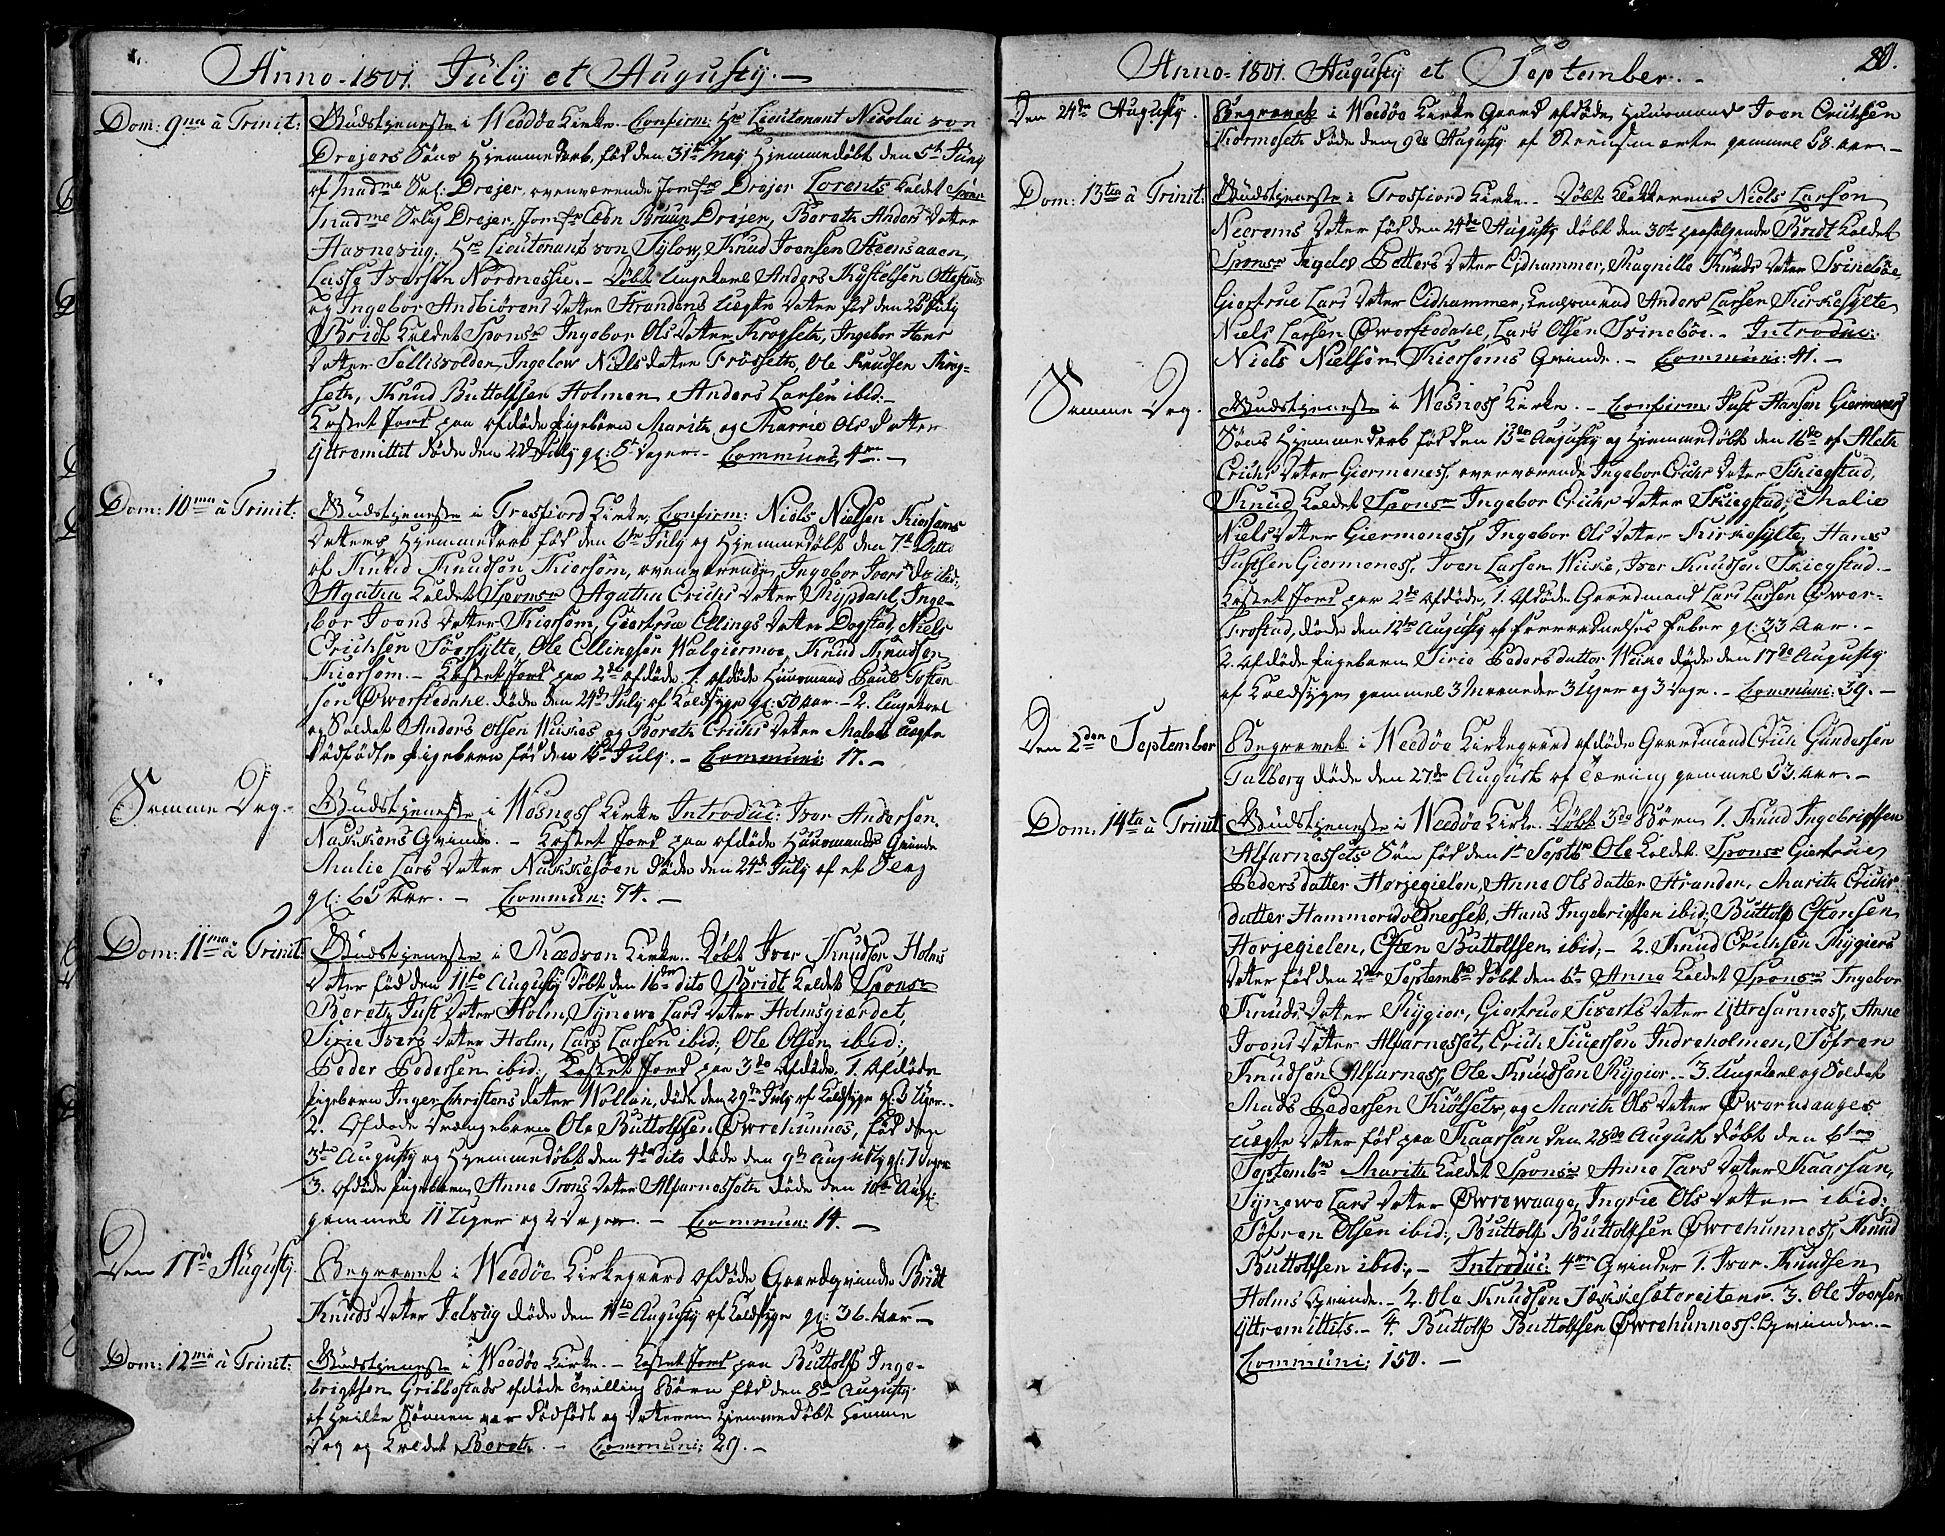 SAT, Ministerialprotokoller, klokkerbøker og fødselsregistre - Møre og Romsdal, 547/L0601: Ministerialbok nr. 547A03, 1799-1818, s. 20